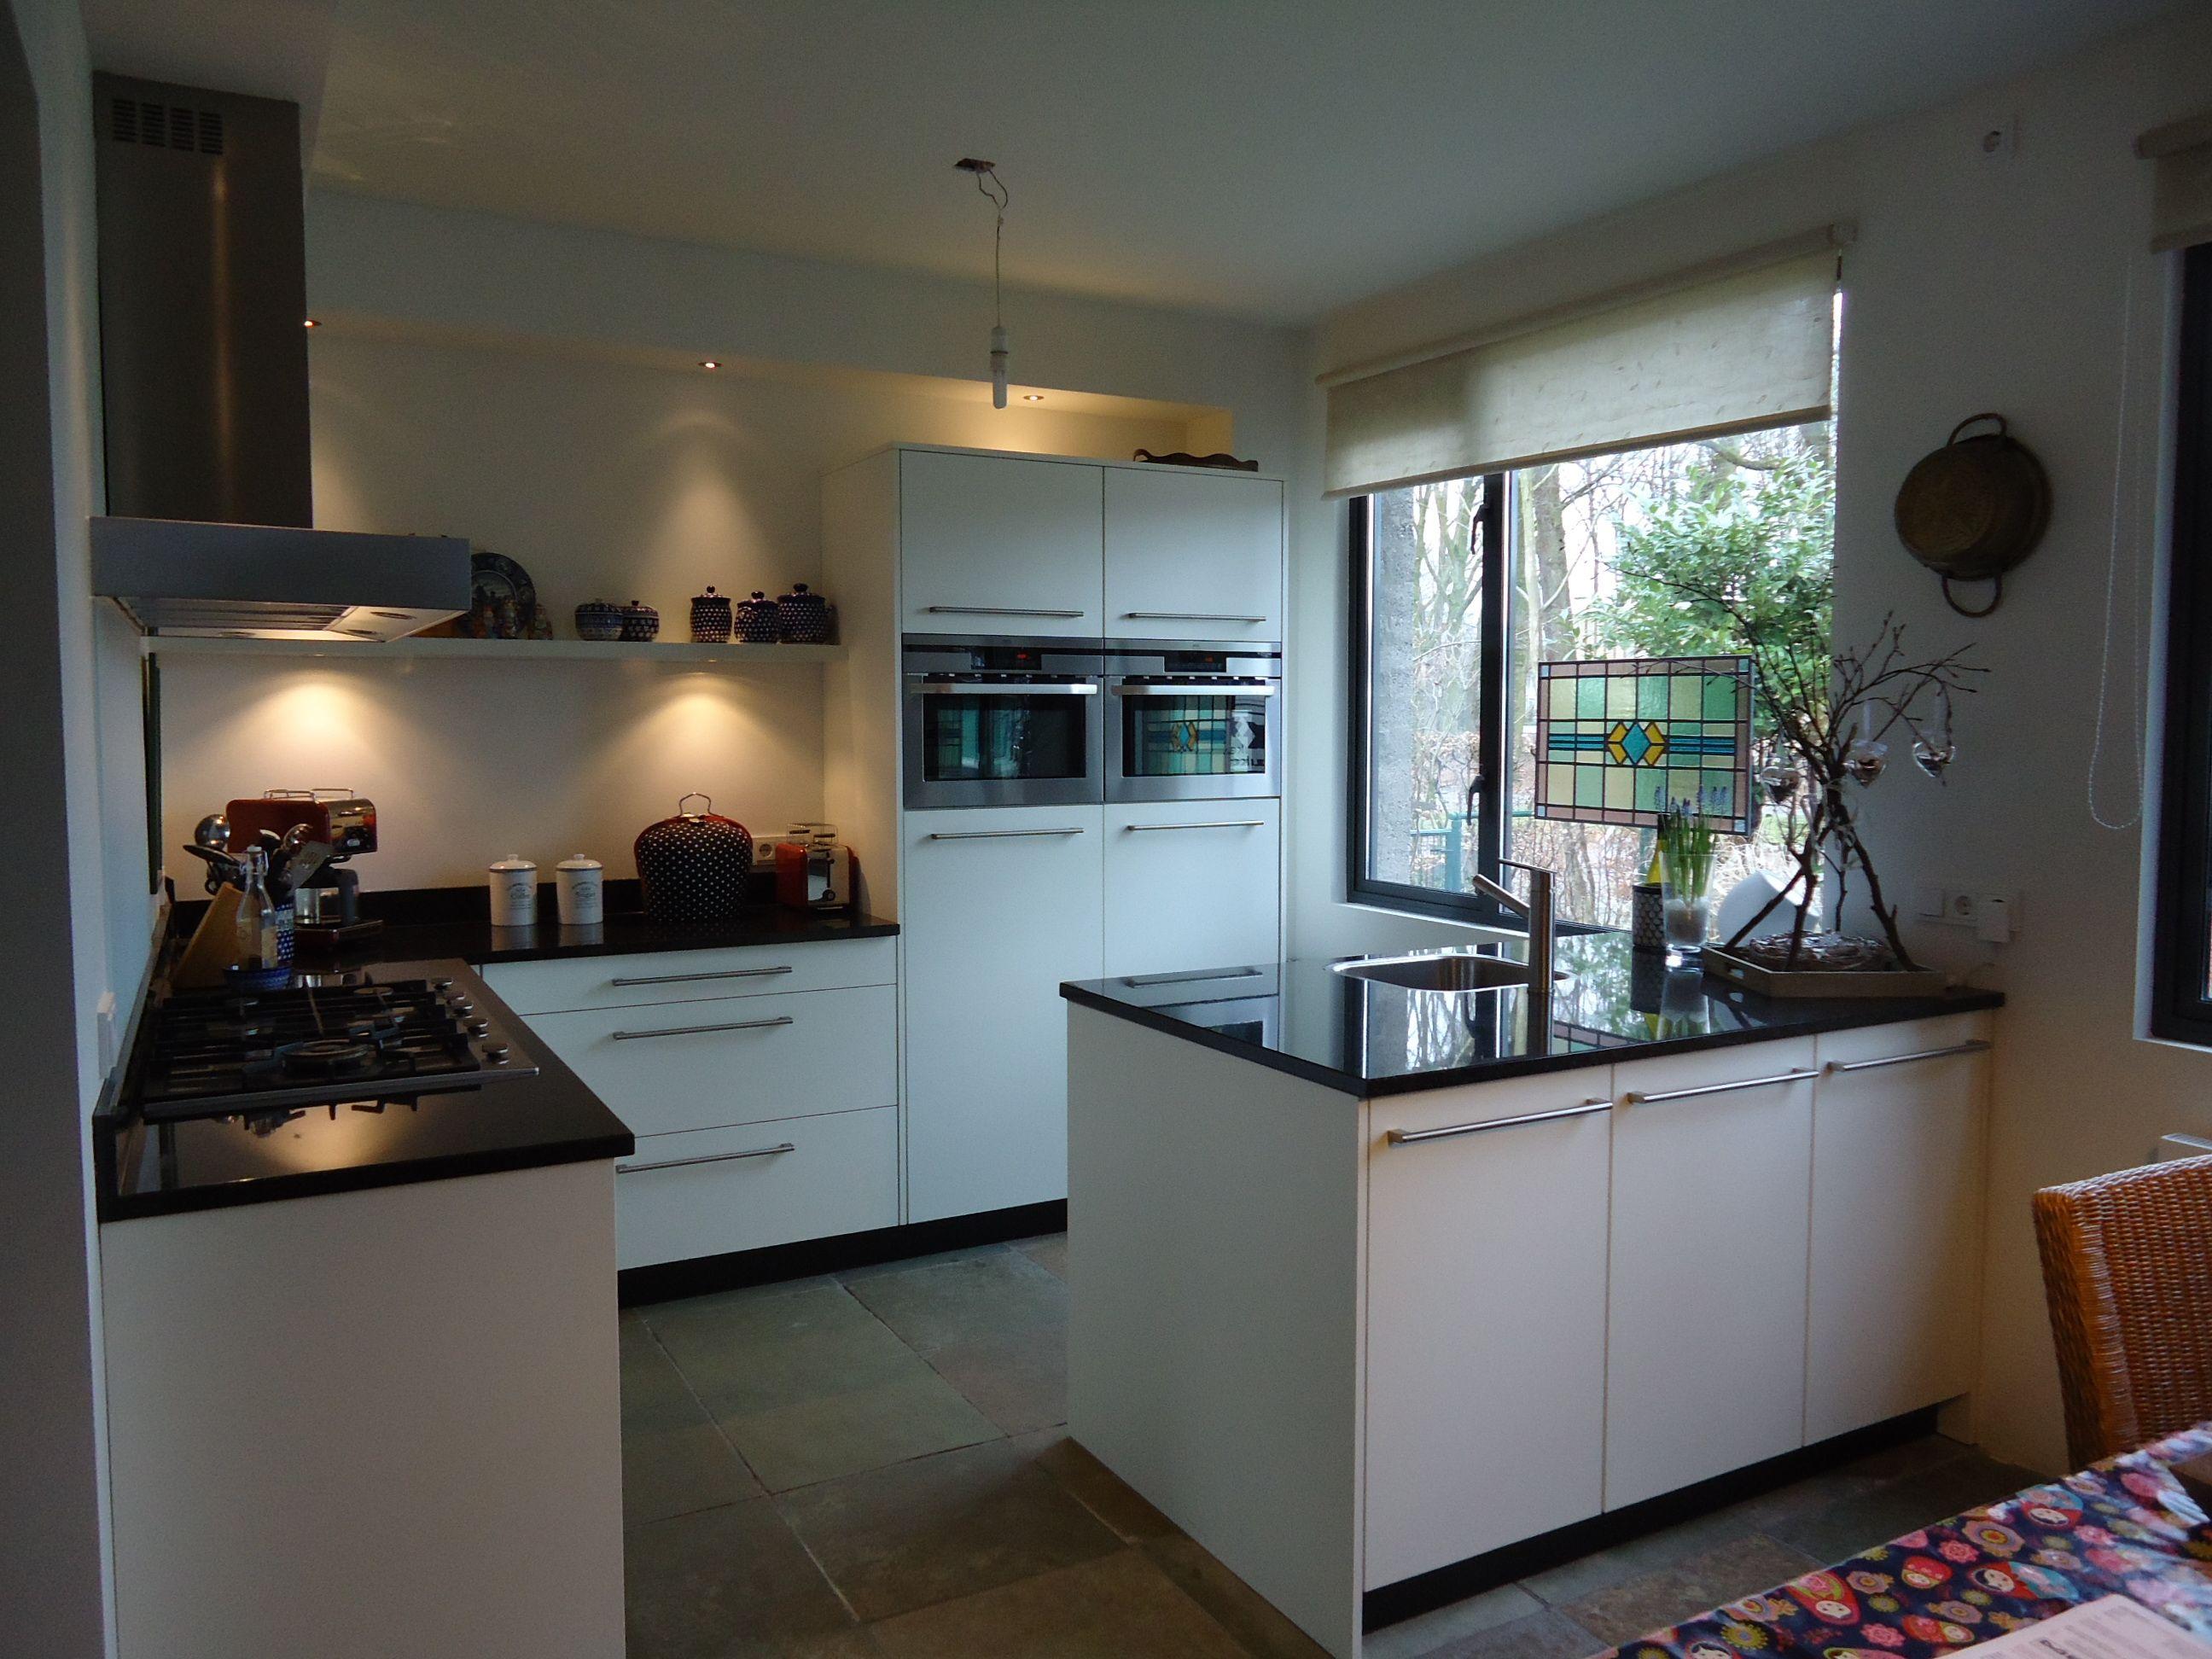 Afzuigkap Op Maat : Ook voor kleine keukens op maat kunt u natuurlijk terecht bij mekx